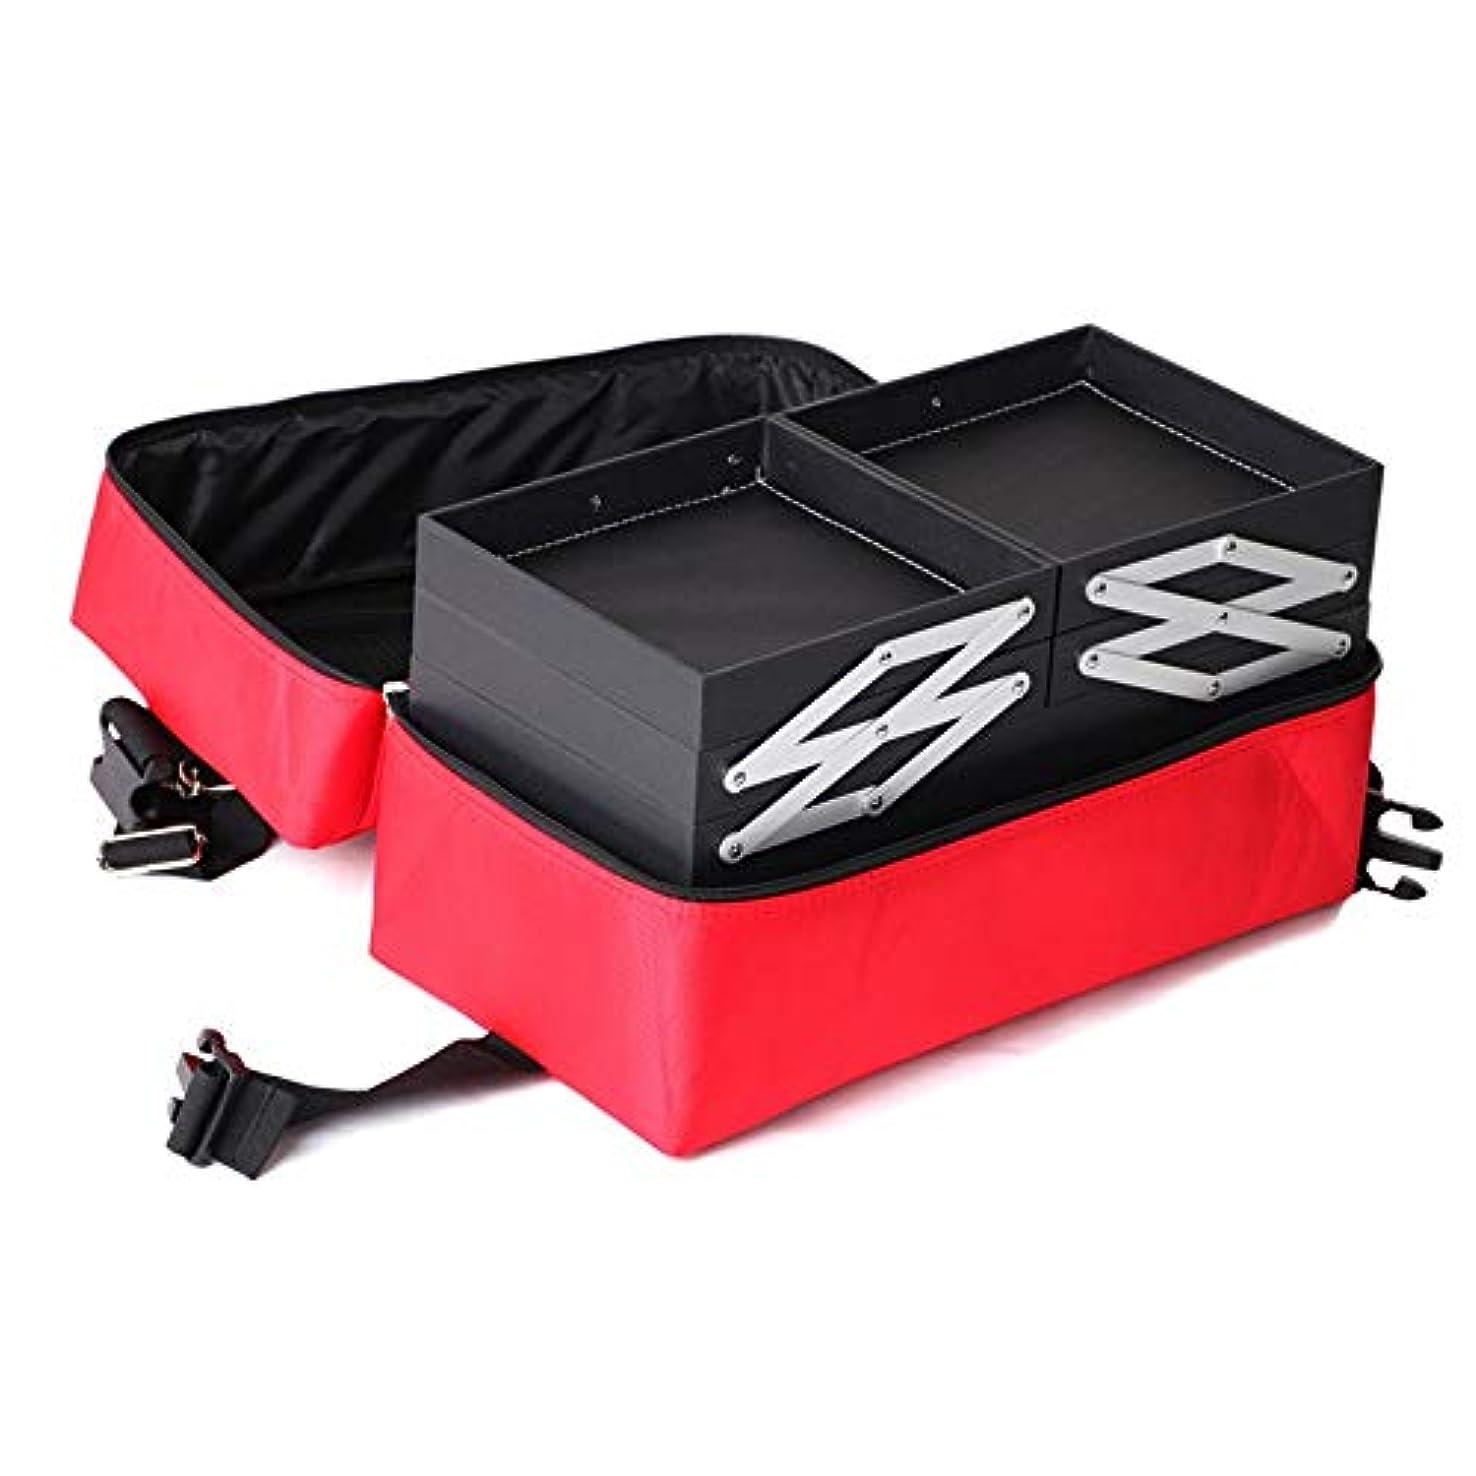 背景加速度状化粧オーガナイザーバッグ メイクアップトラベルバッグストレージバッグ防水ミニメイクアップケース旅行旅行のための 化粧品ケース